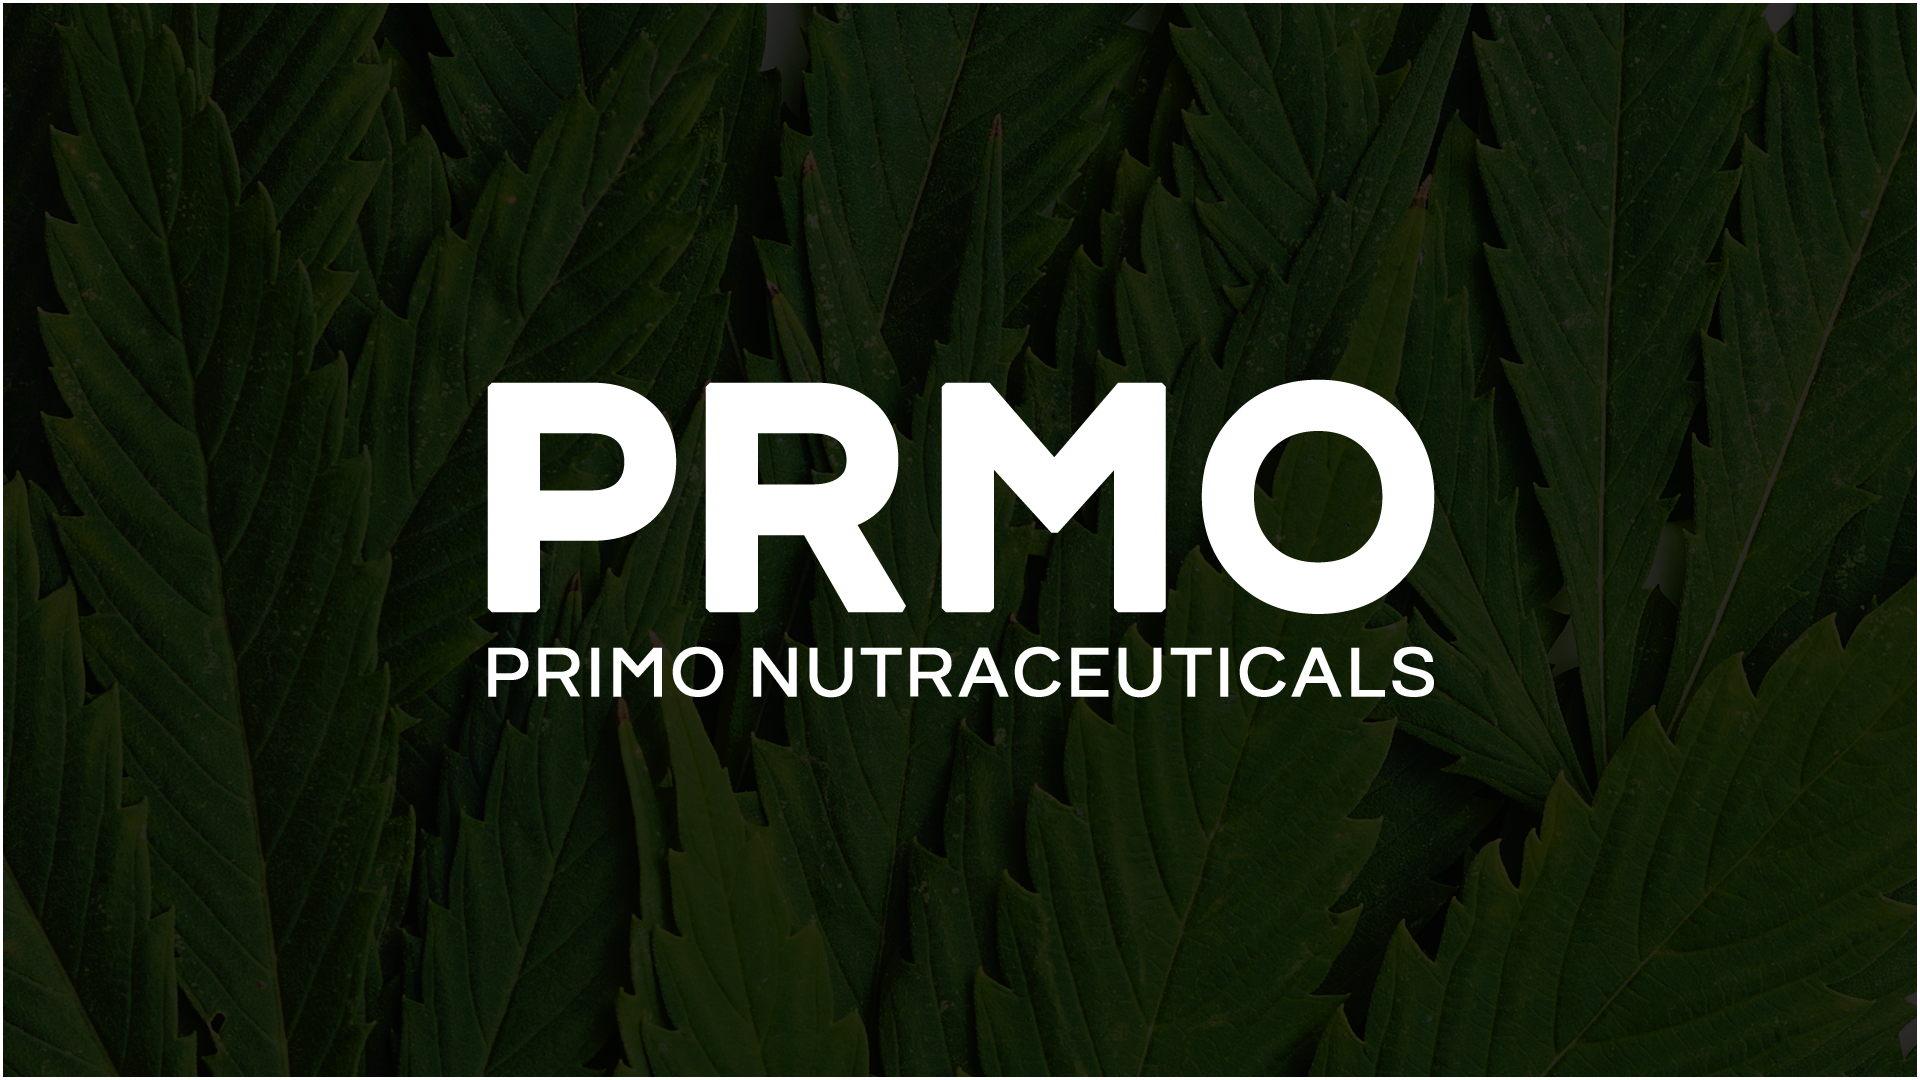 Primo Nutraceuticals Inc.